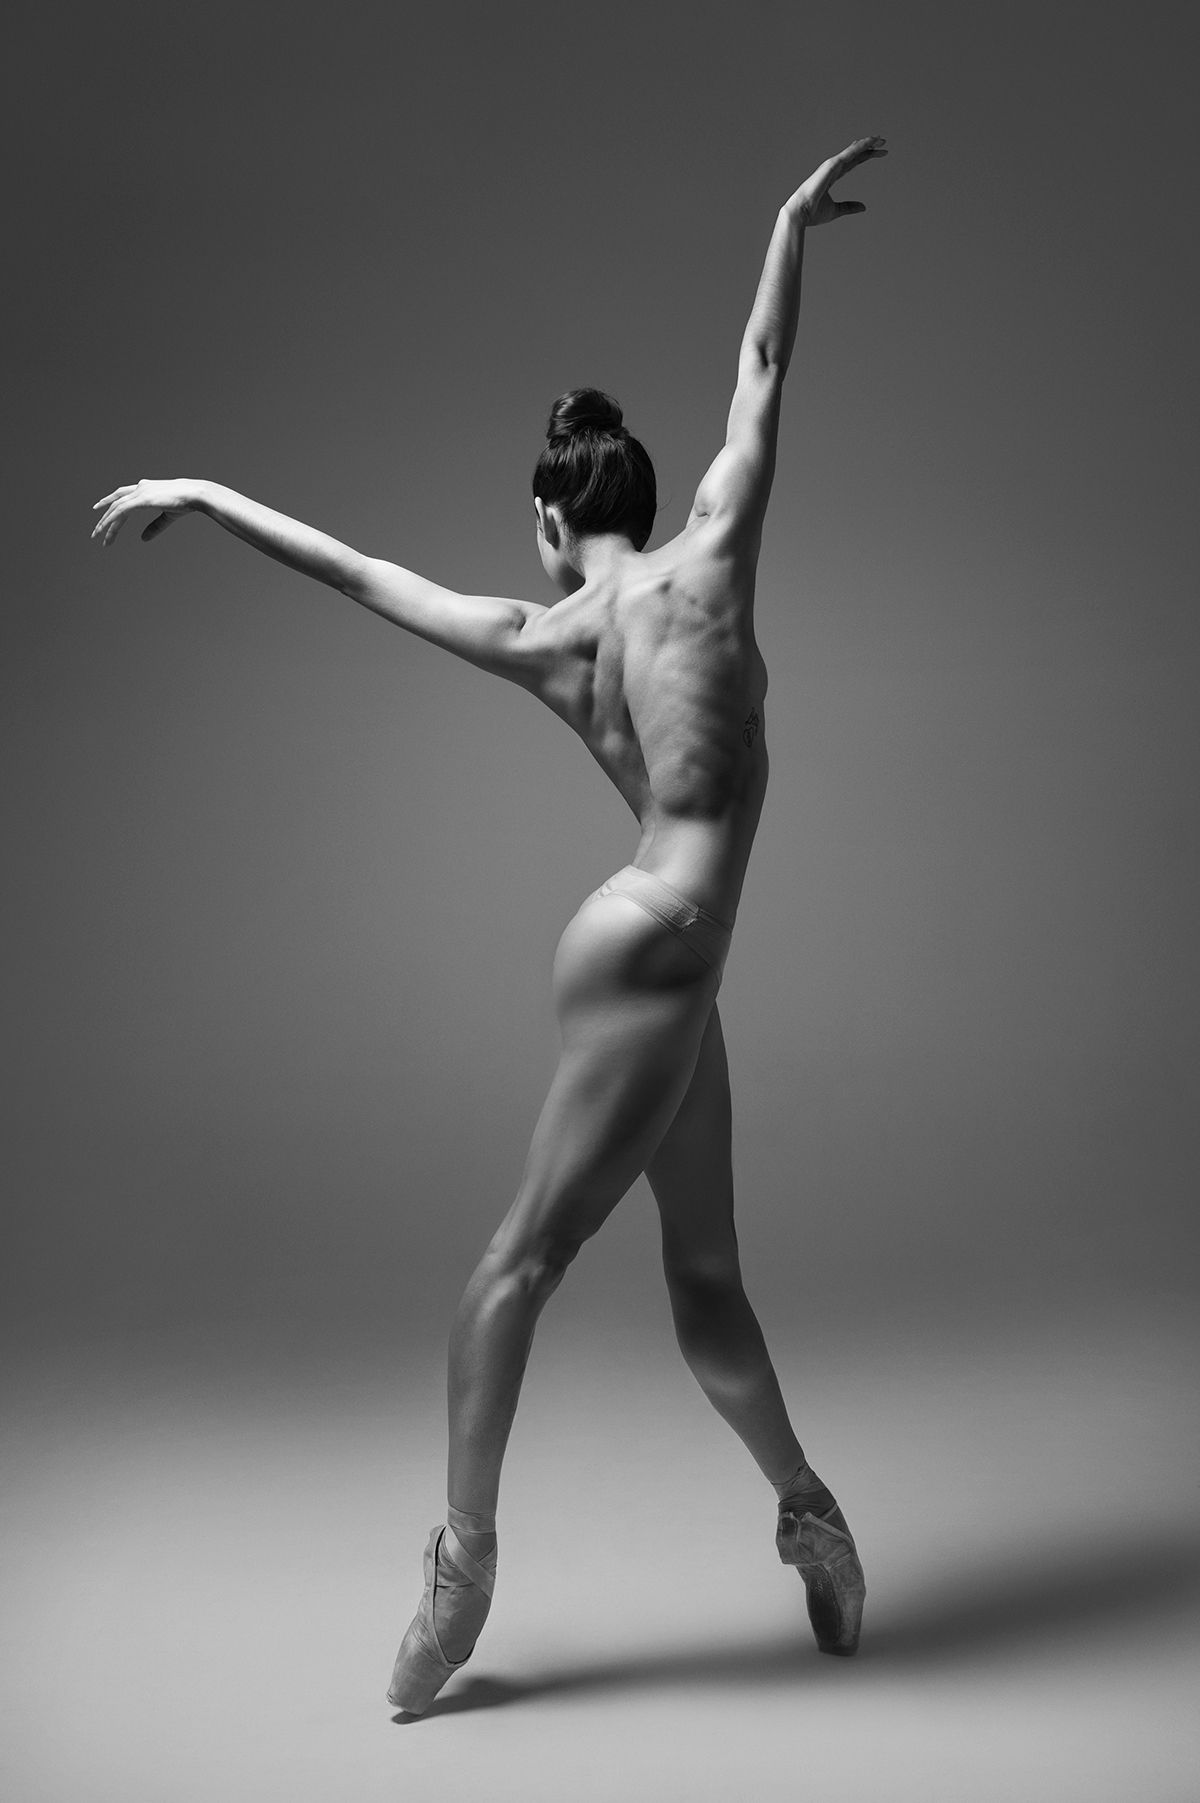 balerini-nyu-foto-domashniy-seks-vtroem-na-skrituyu-kameru-porno-tyub